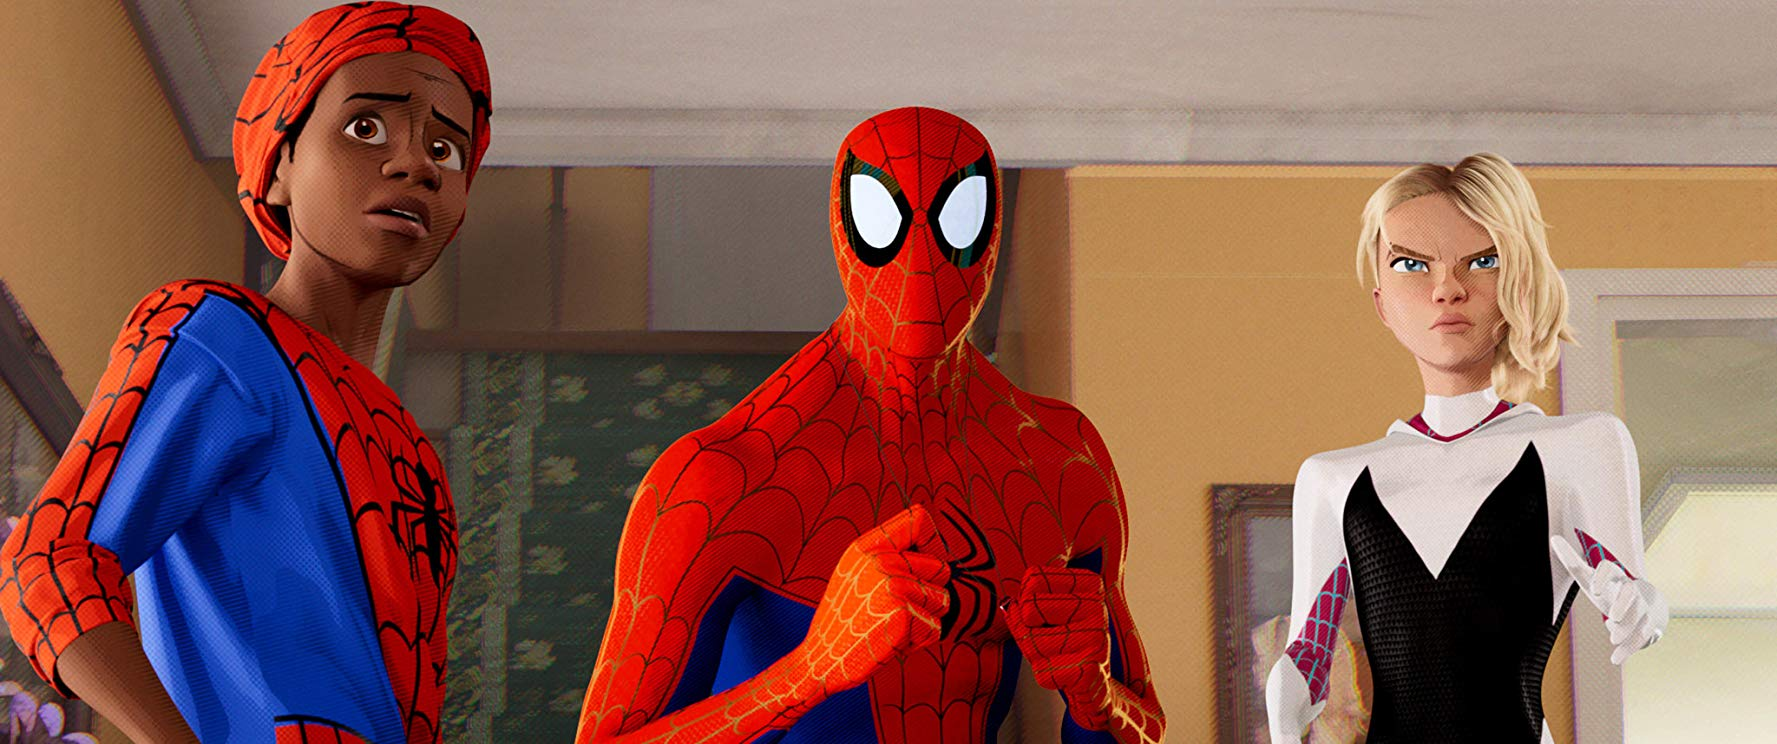 """Spider-Man: Un nuovo universo, una scena con i supereroi """"aracnidi"""""""